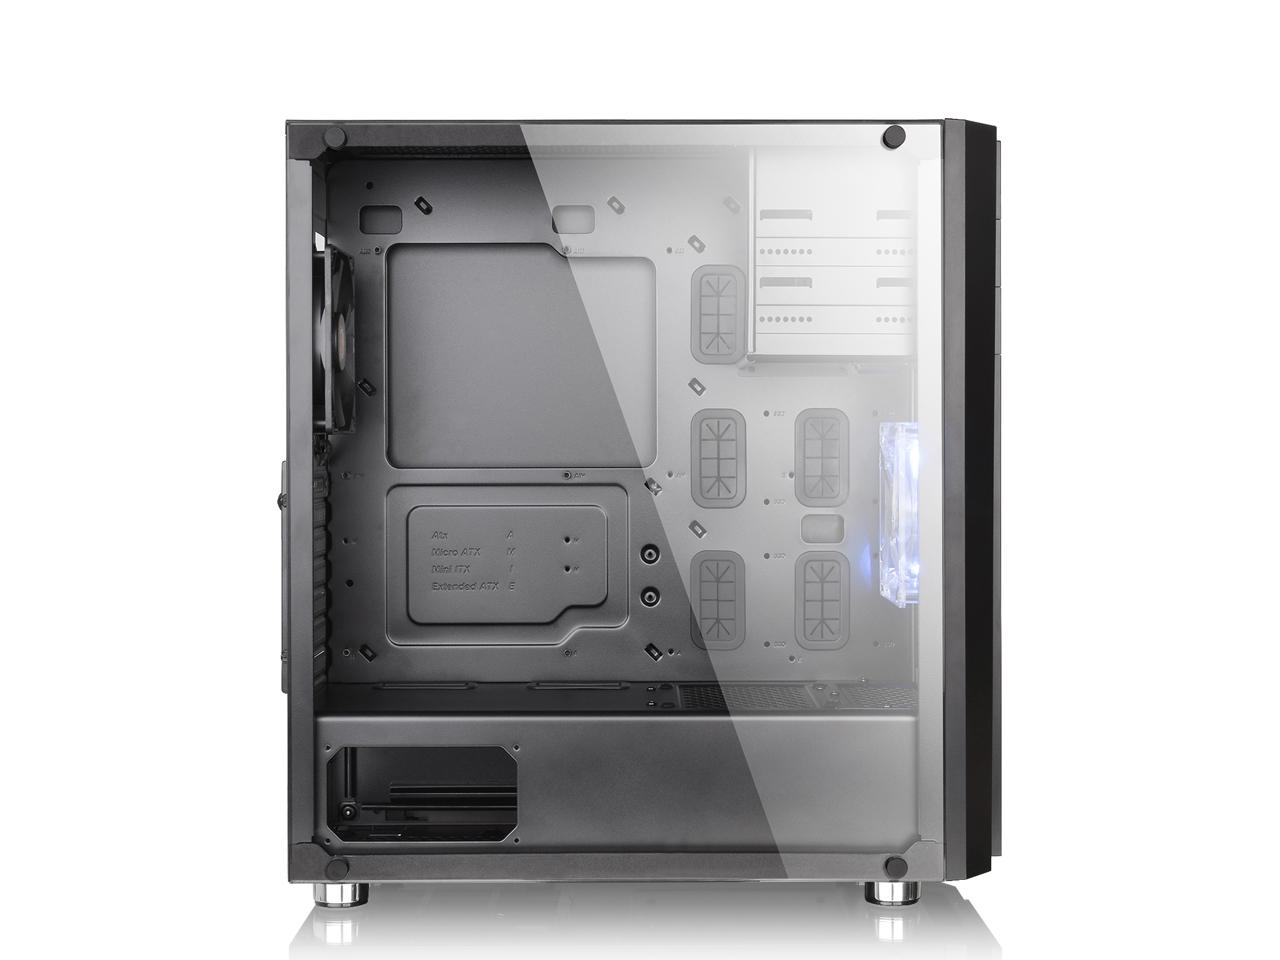 『本体 左側面』 Versa H26 Black /w casefan CA-1J5-00M1WN-01 [ブラック] の製品画像